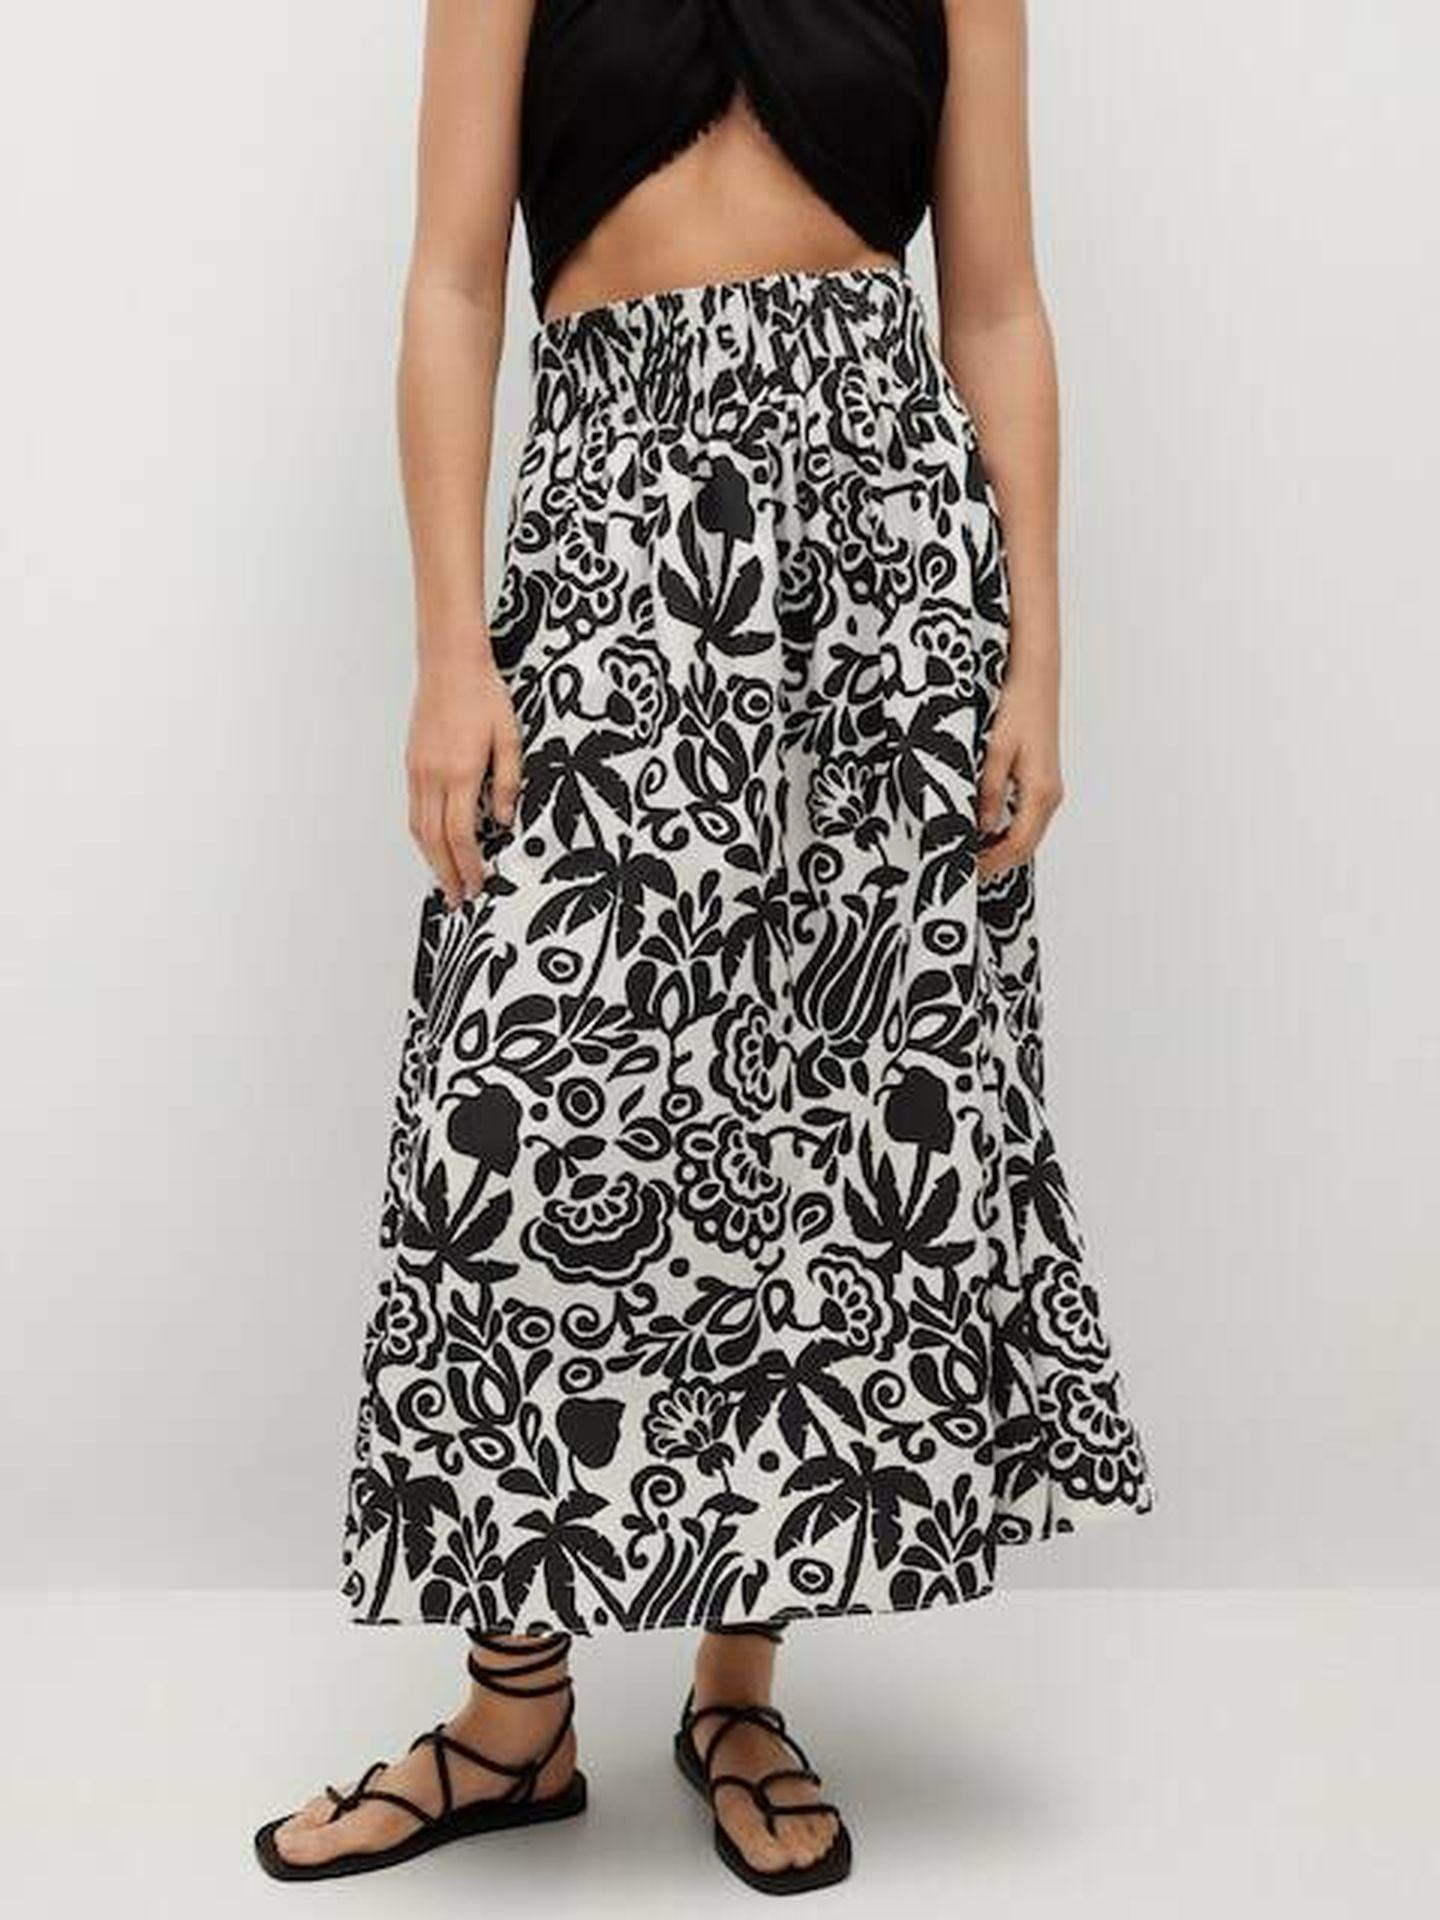 La falda floral de las rebajas de Mango. (Cortesía)